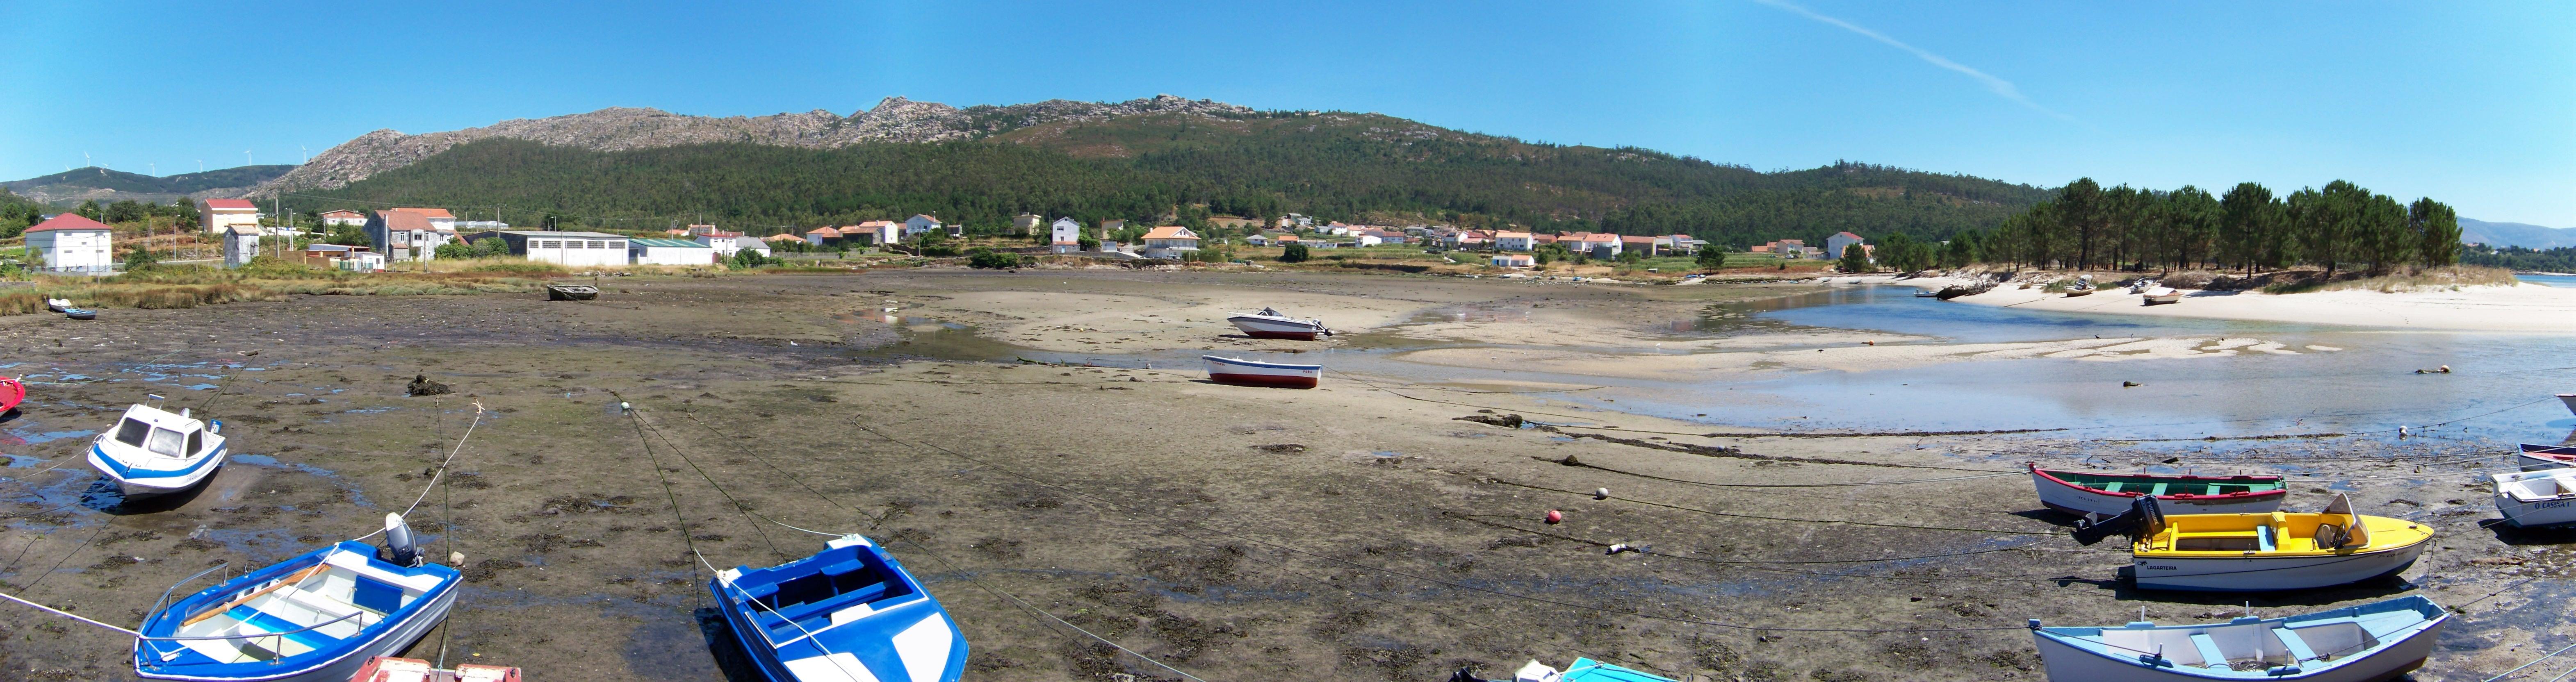 Bornalle, Muros